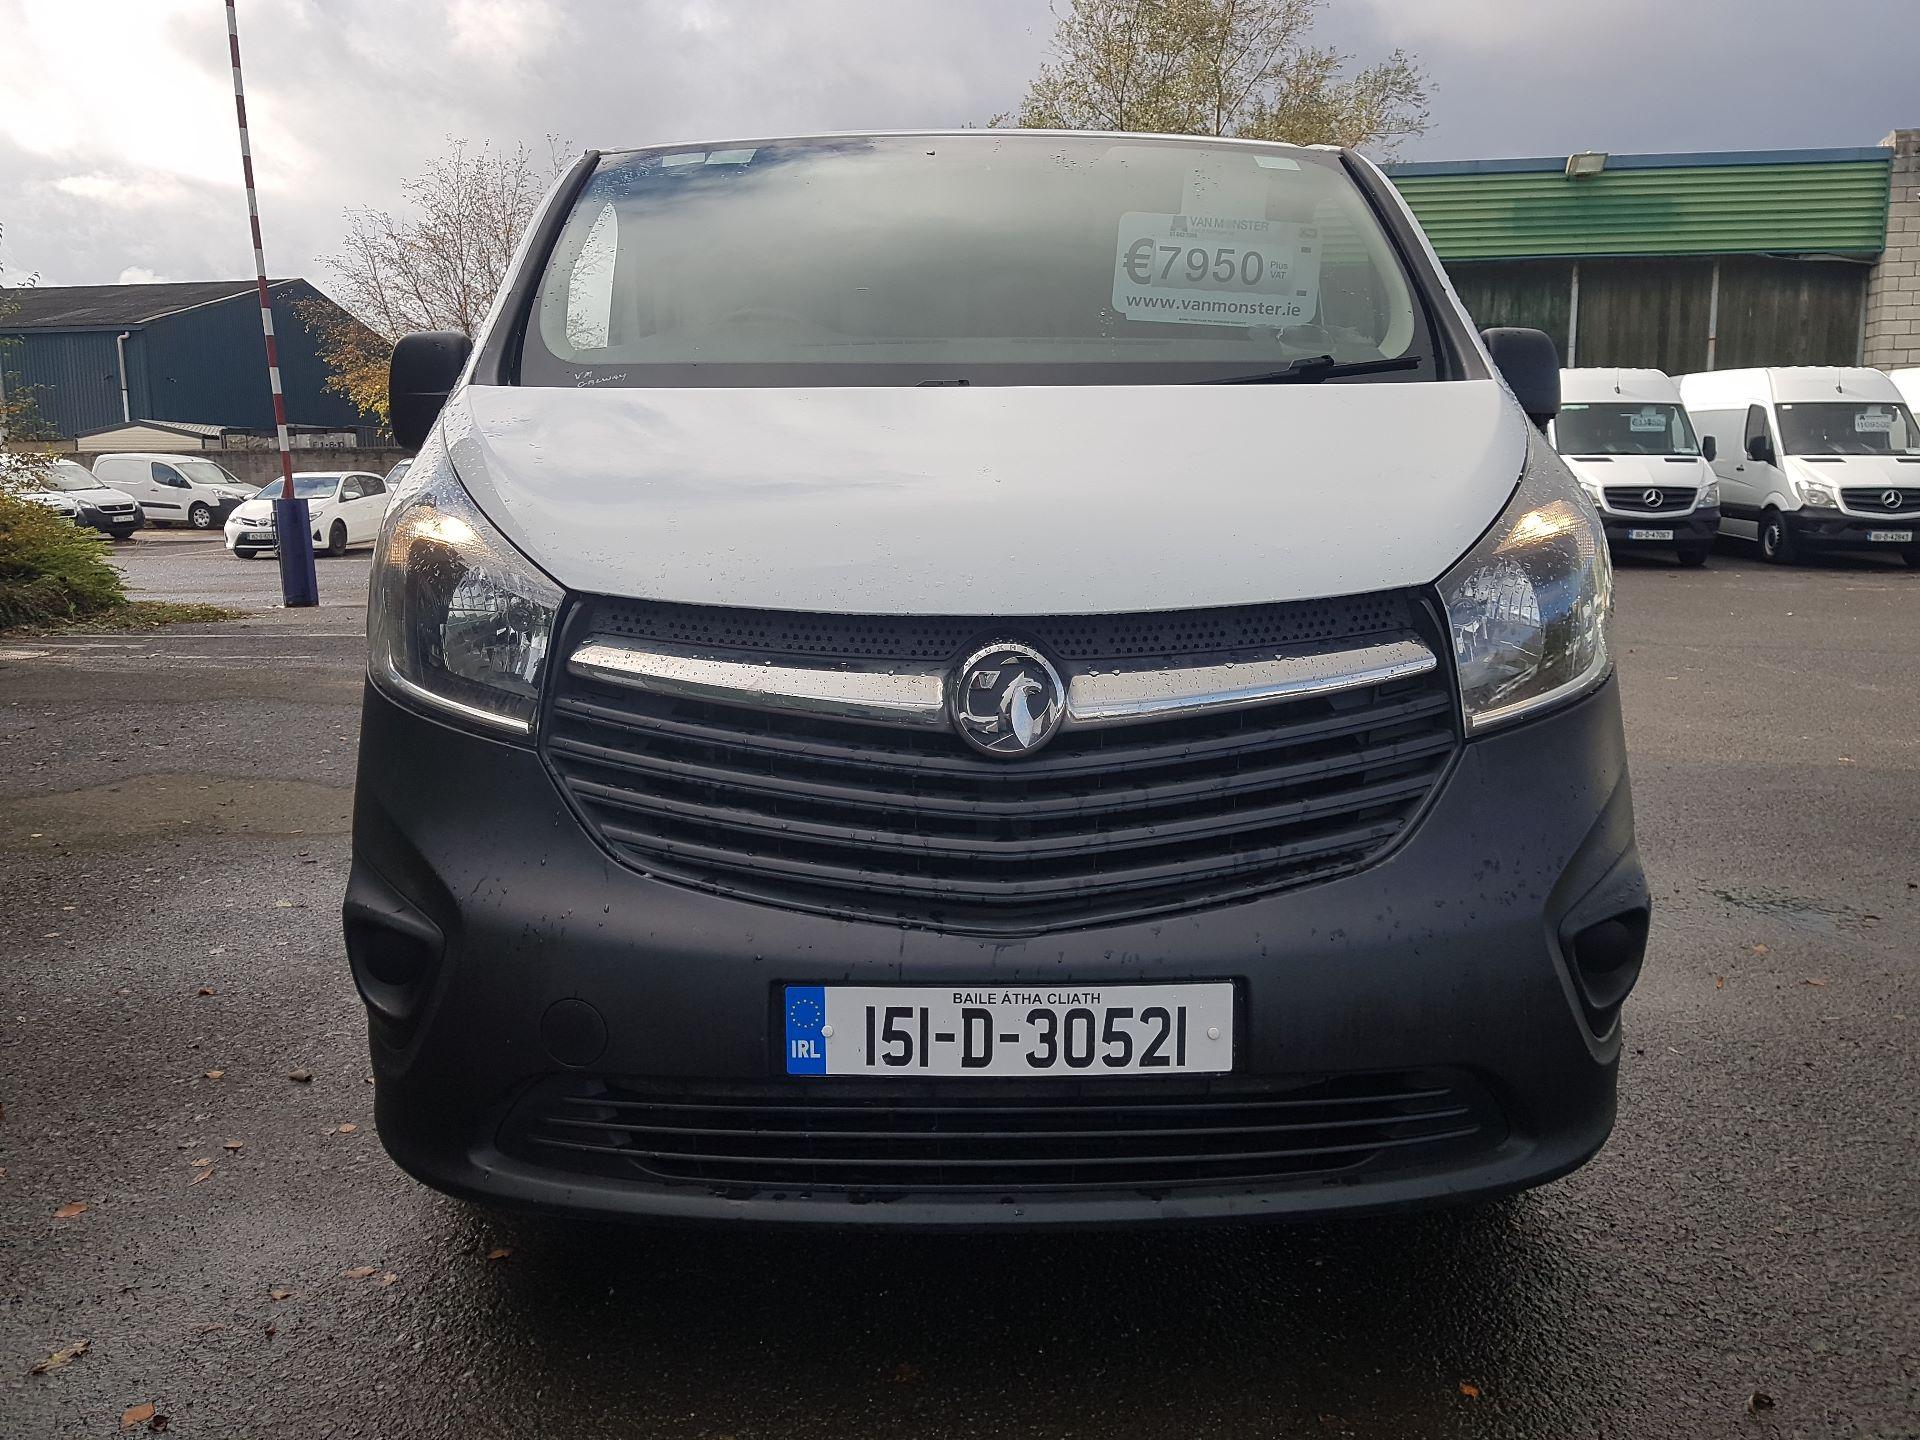 2015 Vauxhall Vivaro 2900 L2H1 CDTI P/V (151D30521)